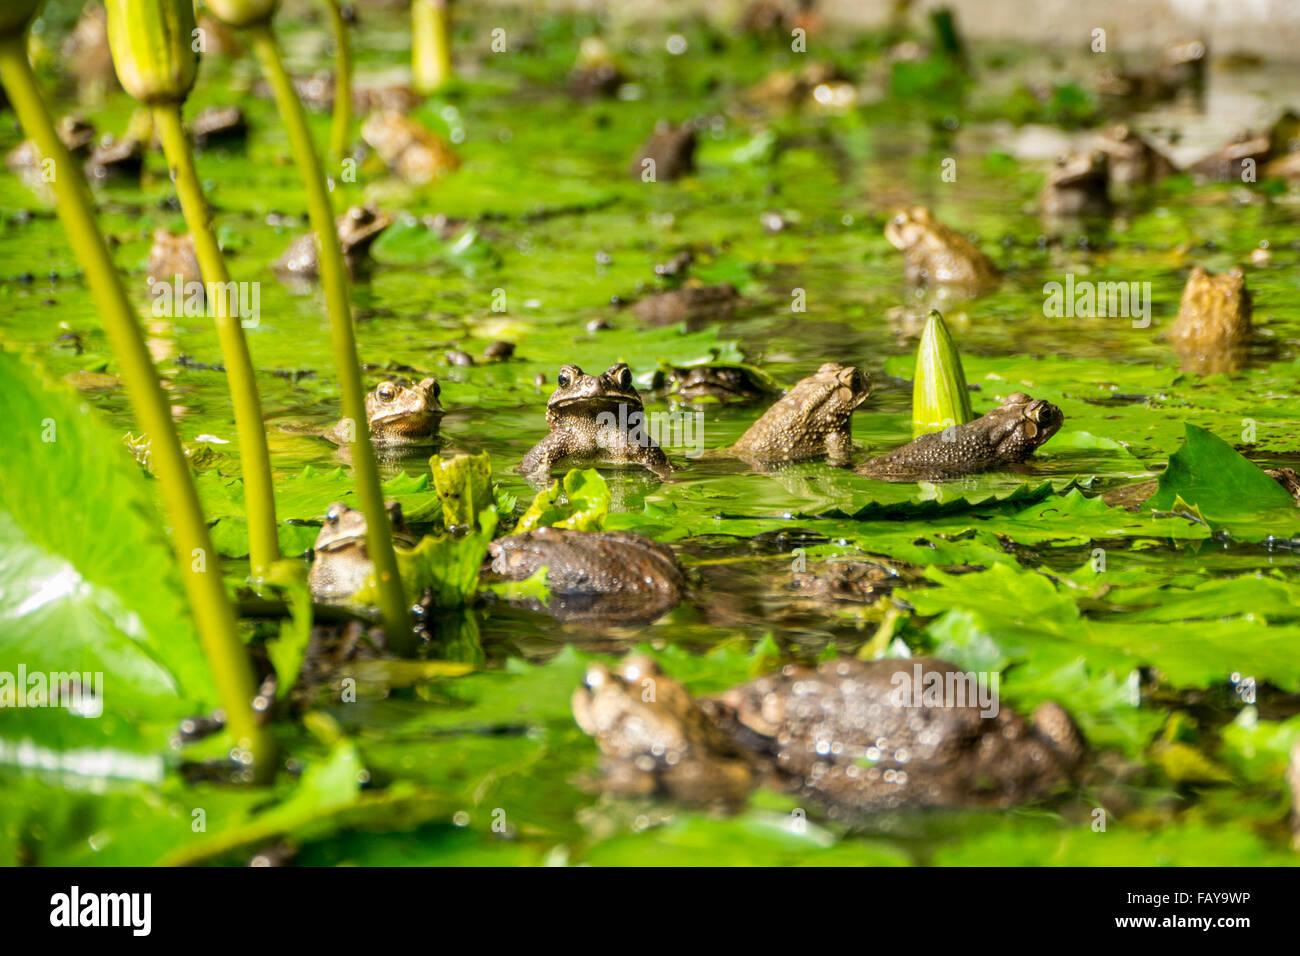 Indonesia, Tejakula, Bali, mating frogs between Lotus flowers leaves. - Stock Image